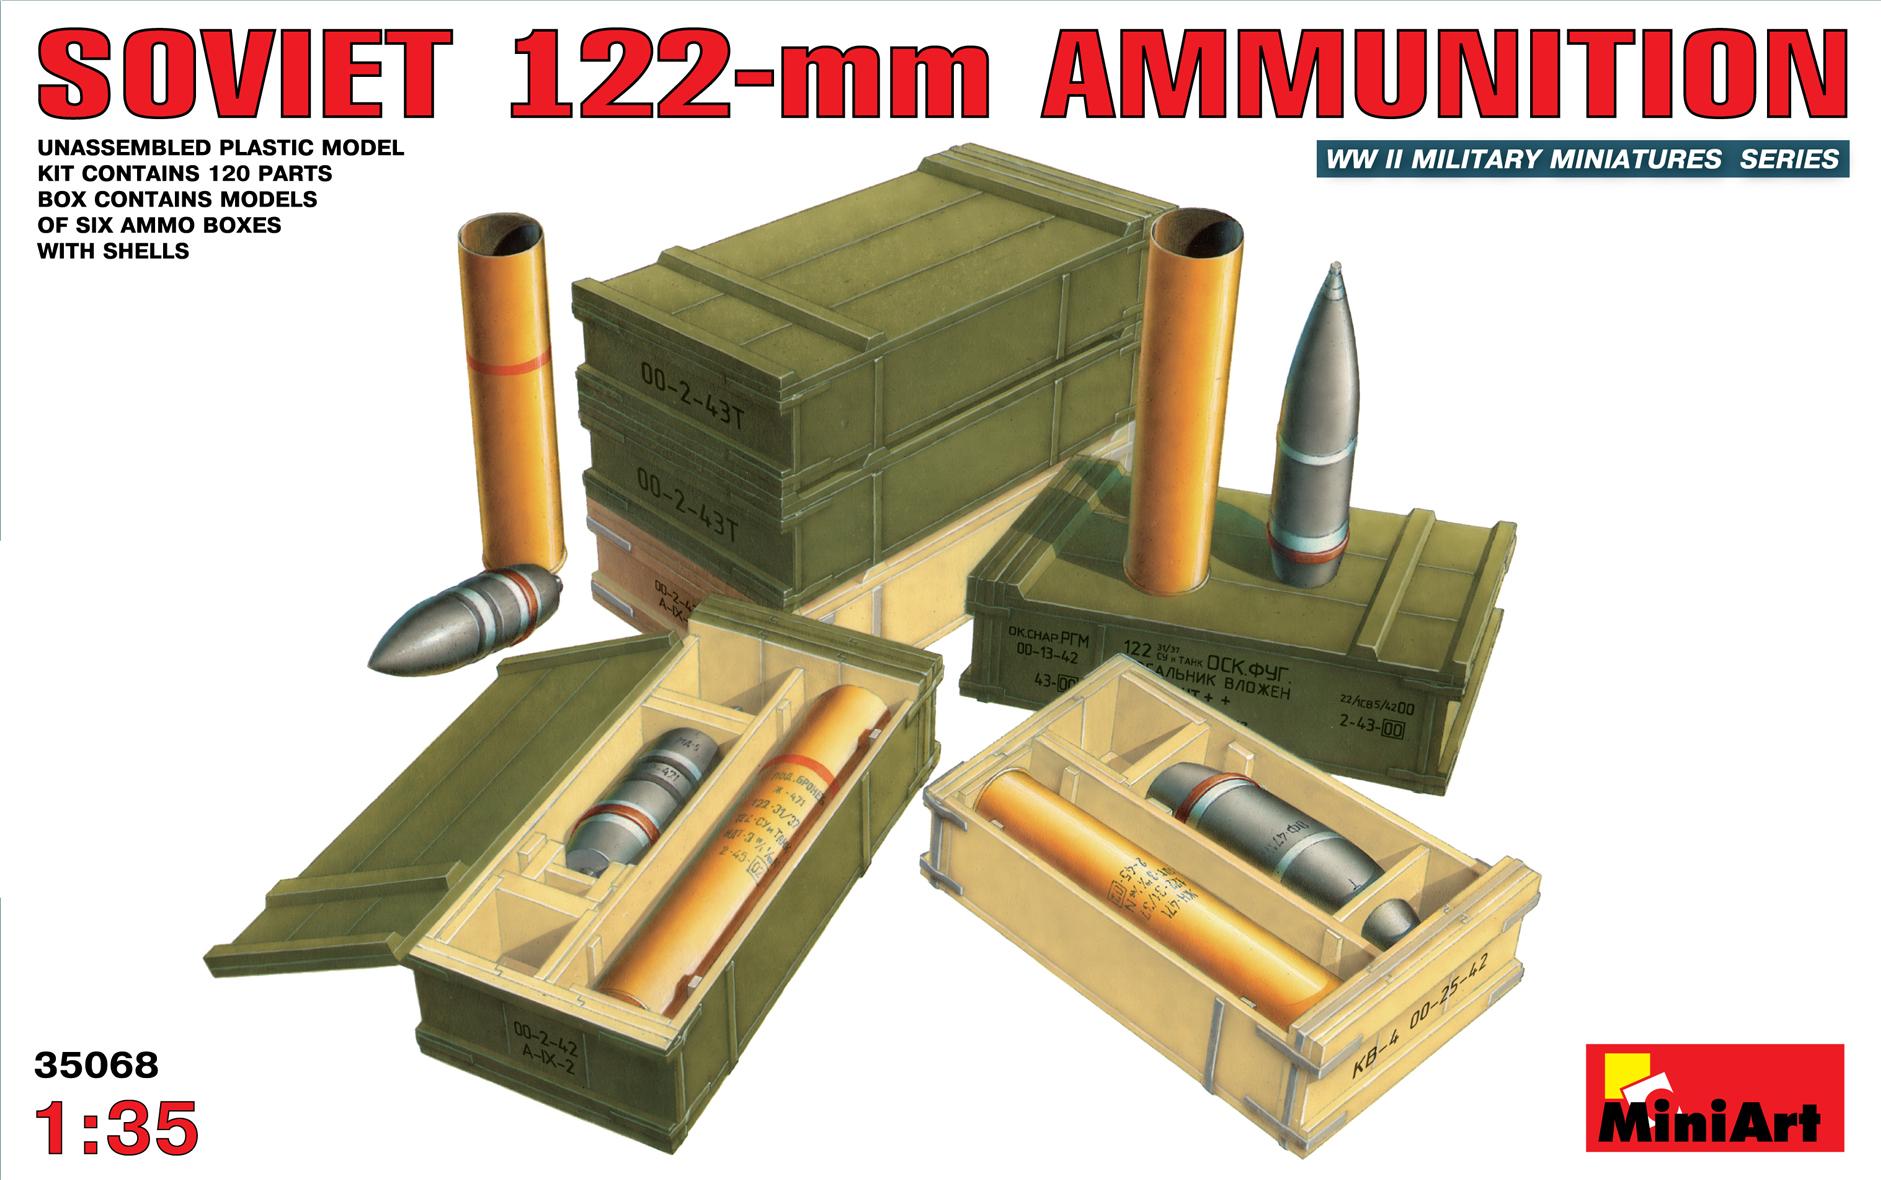 35068 SOVIET 122-mm AMMUNITION